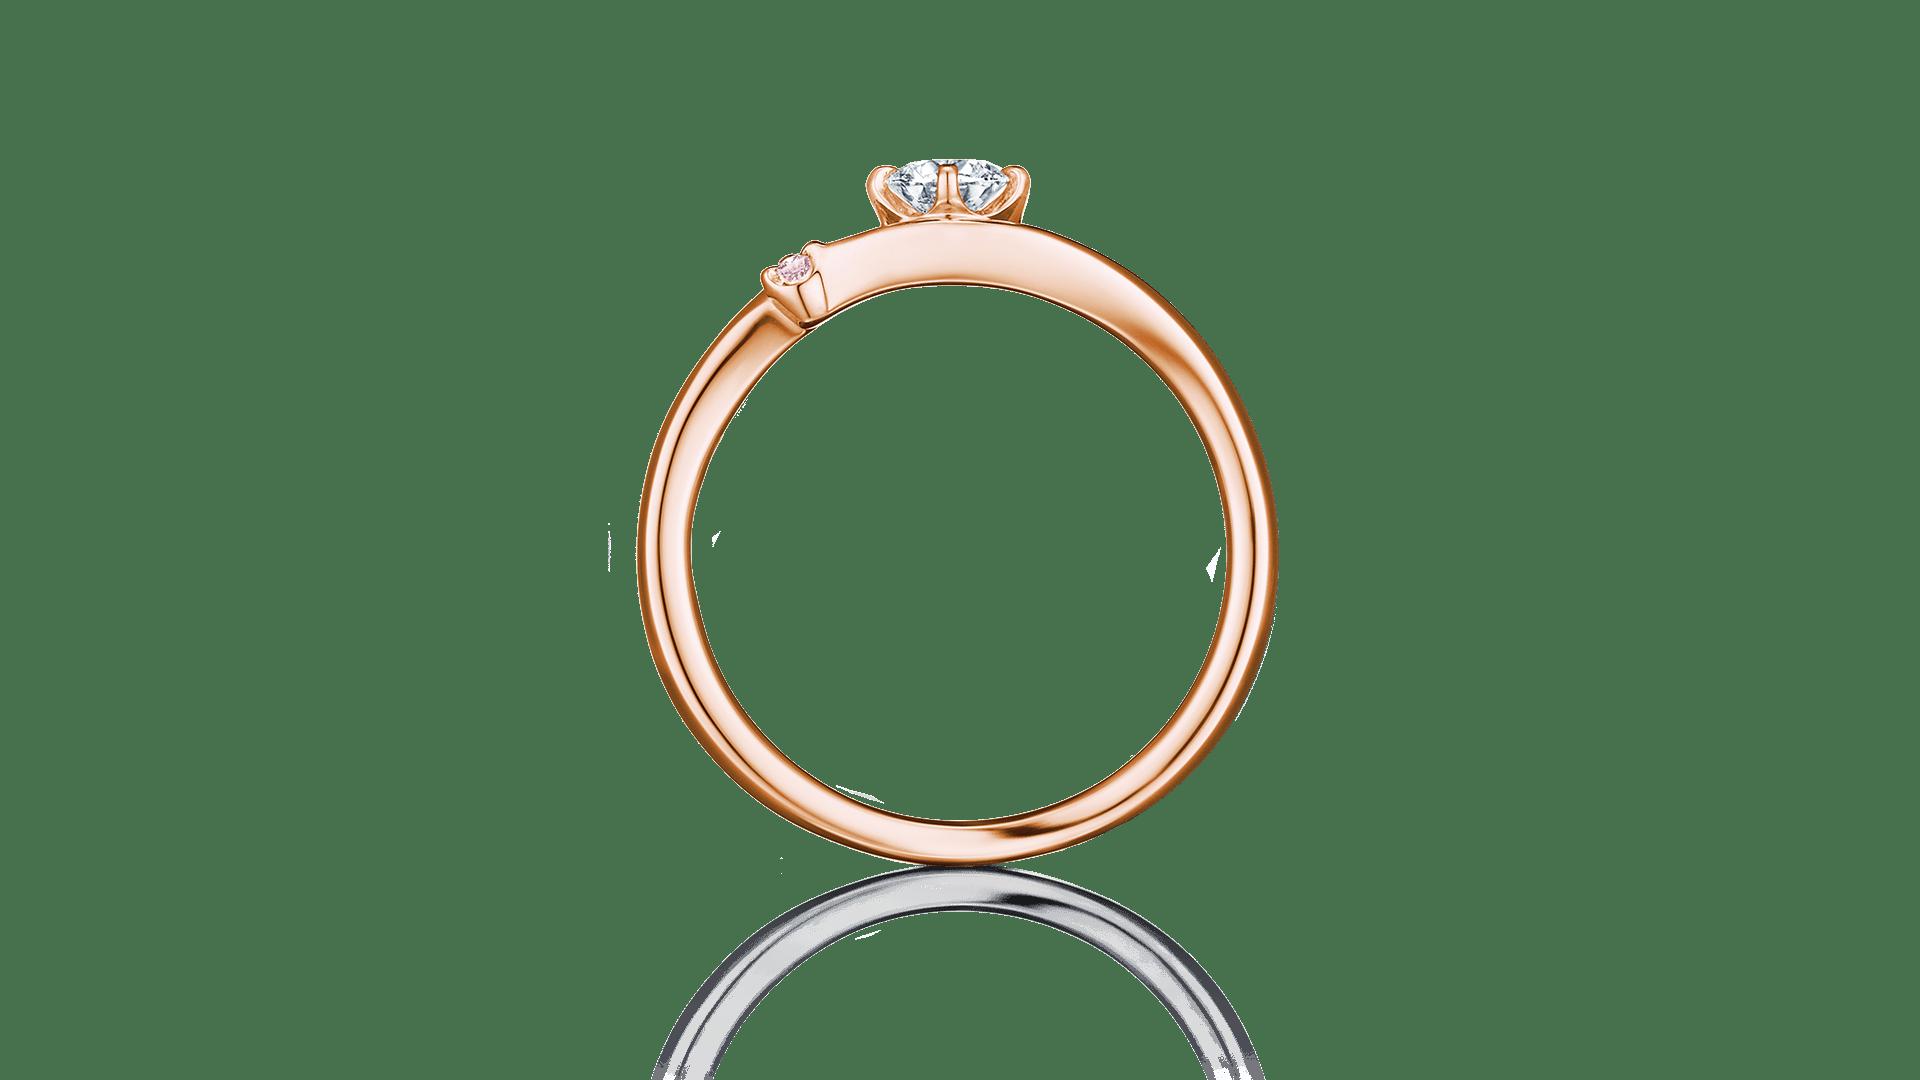 spica スピカ | 婚約指輪サムネイル 2